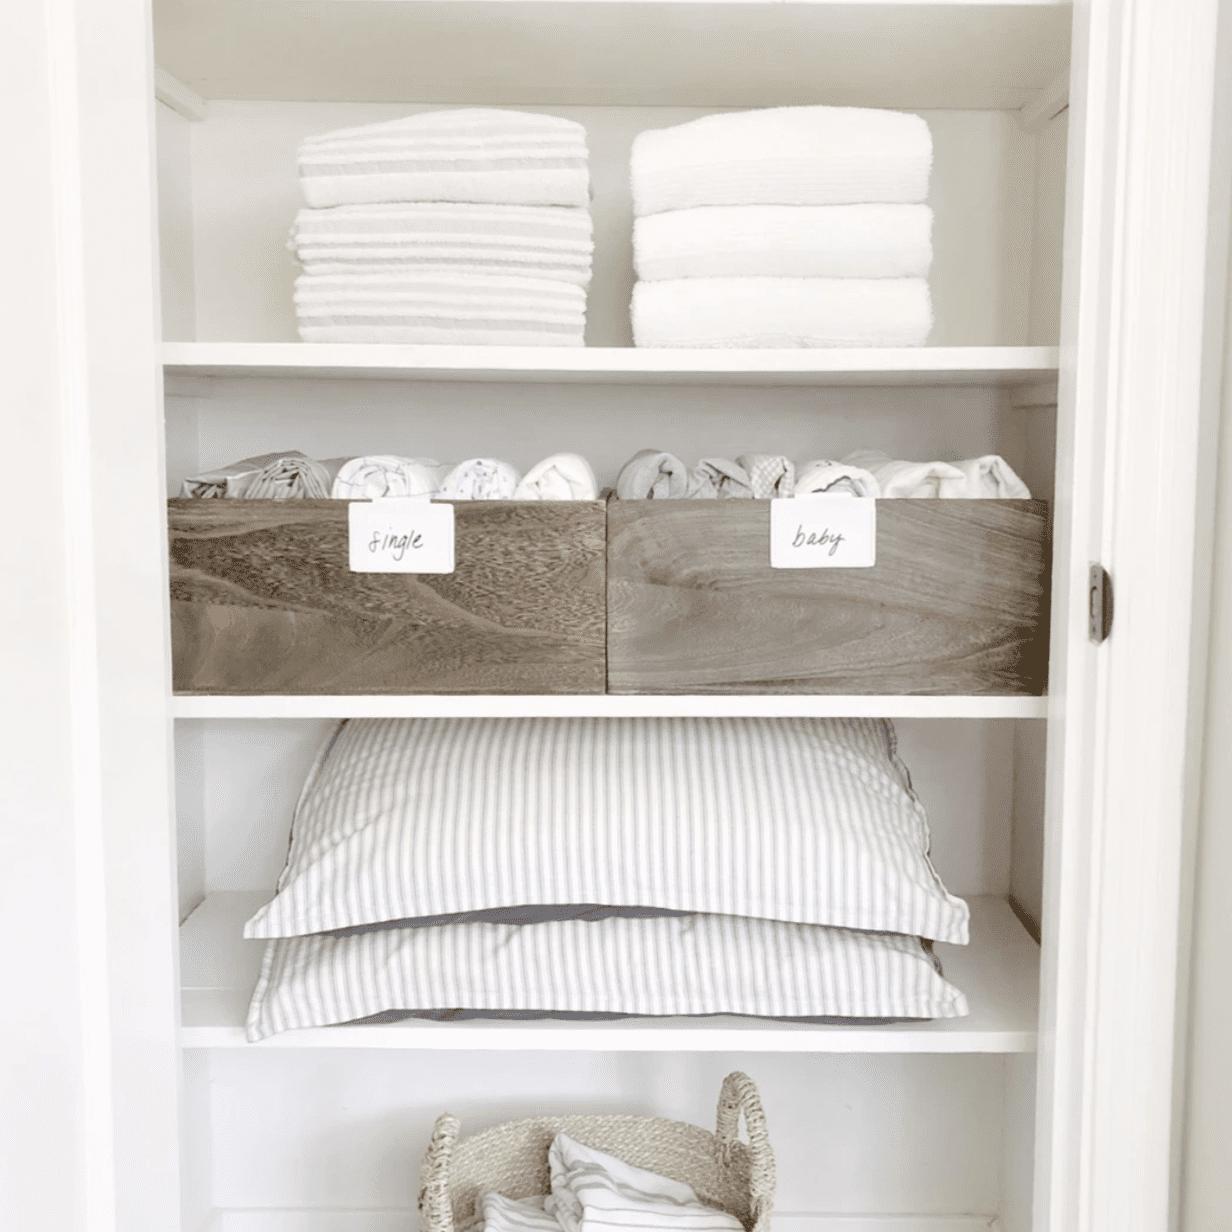 15 Best Linen Closet Organization Ideas, How To Organize Bathroom Closet